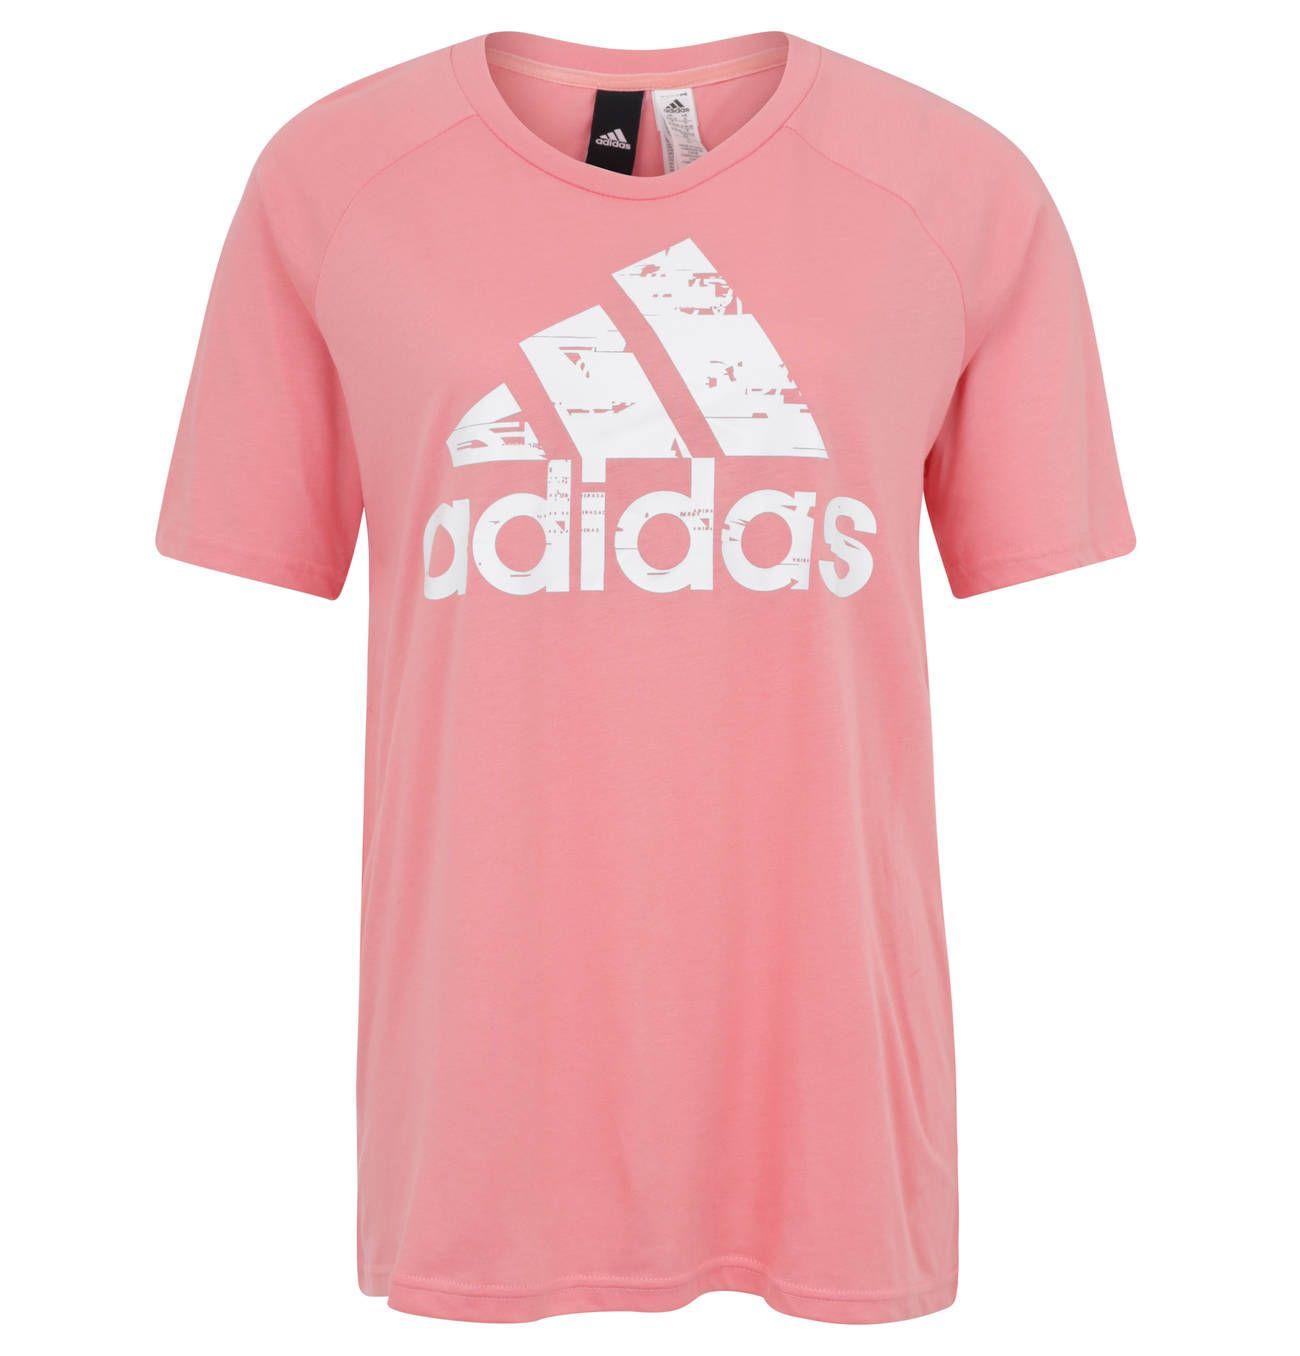 5cd737550aa55 Bei diesem Adidas T-Shirt bekommt man doch direkt gute Laune und Lust auf  Sport! ⚽  galeriakaufhof  adidas  sport  tshirt